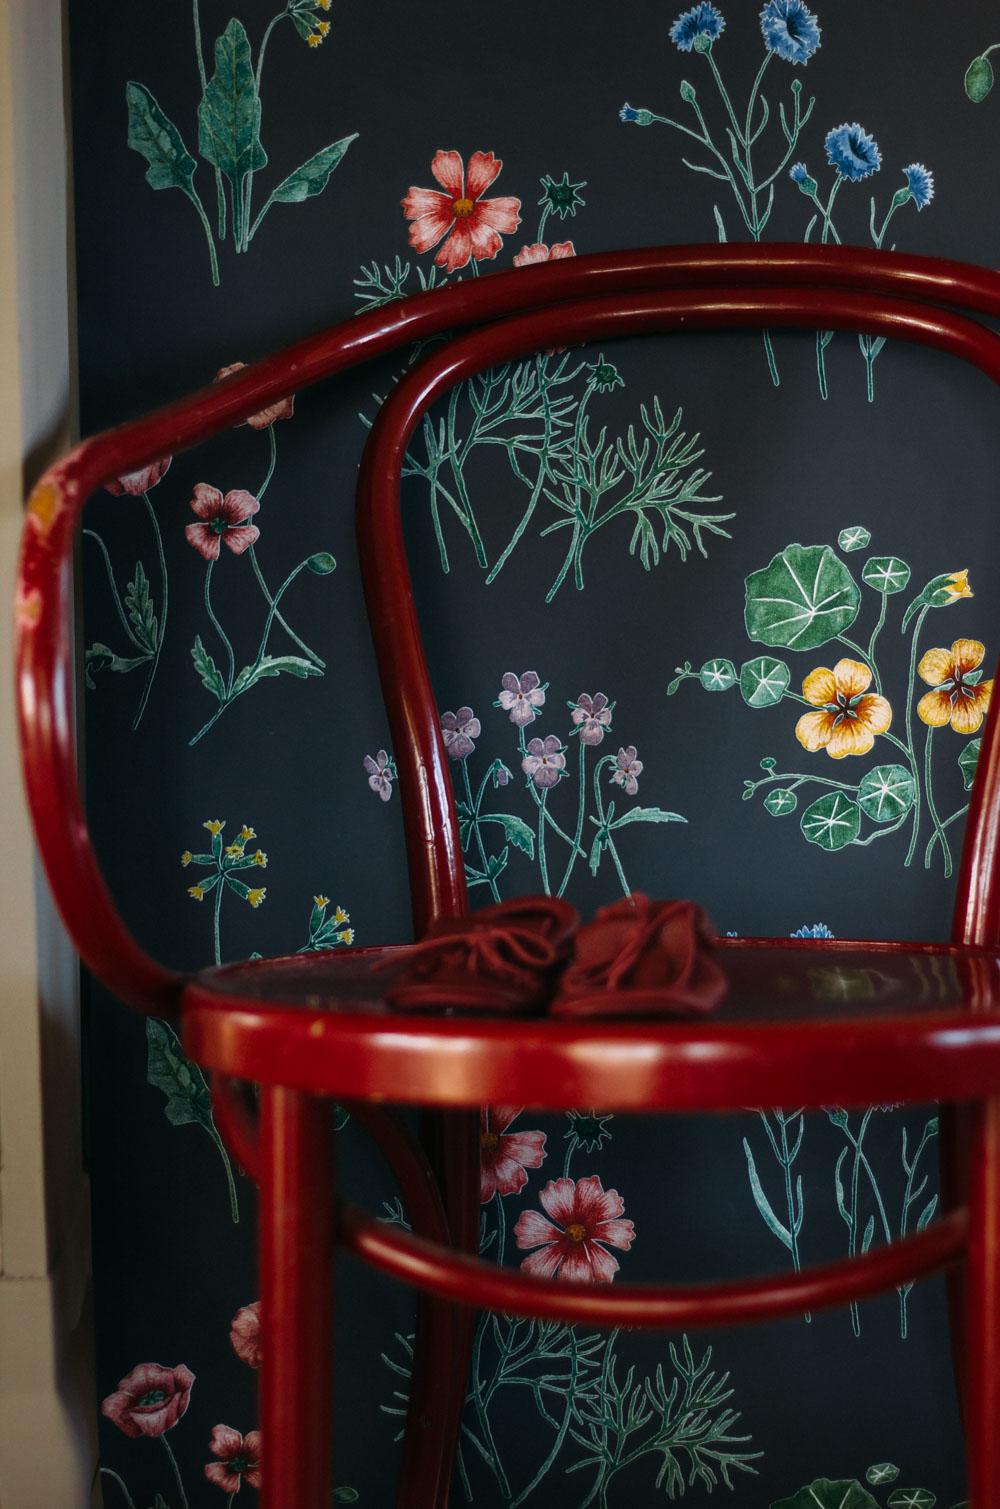 färgsätter efter tapet morgongåva stol midbec tapeter